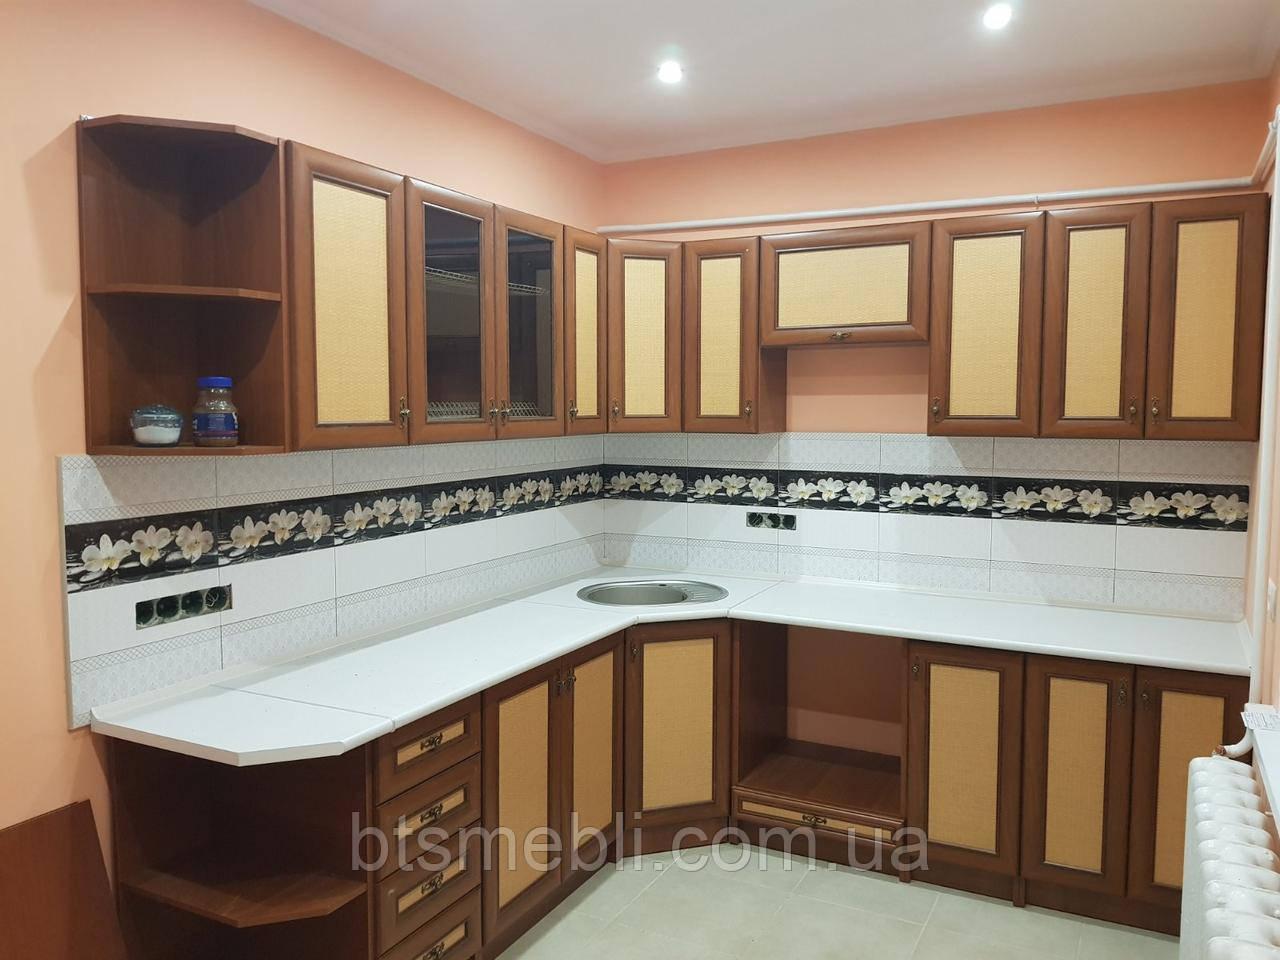 Кухня Оля Люкс МДФ 2.0 м